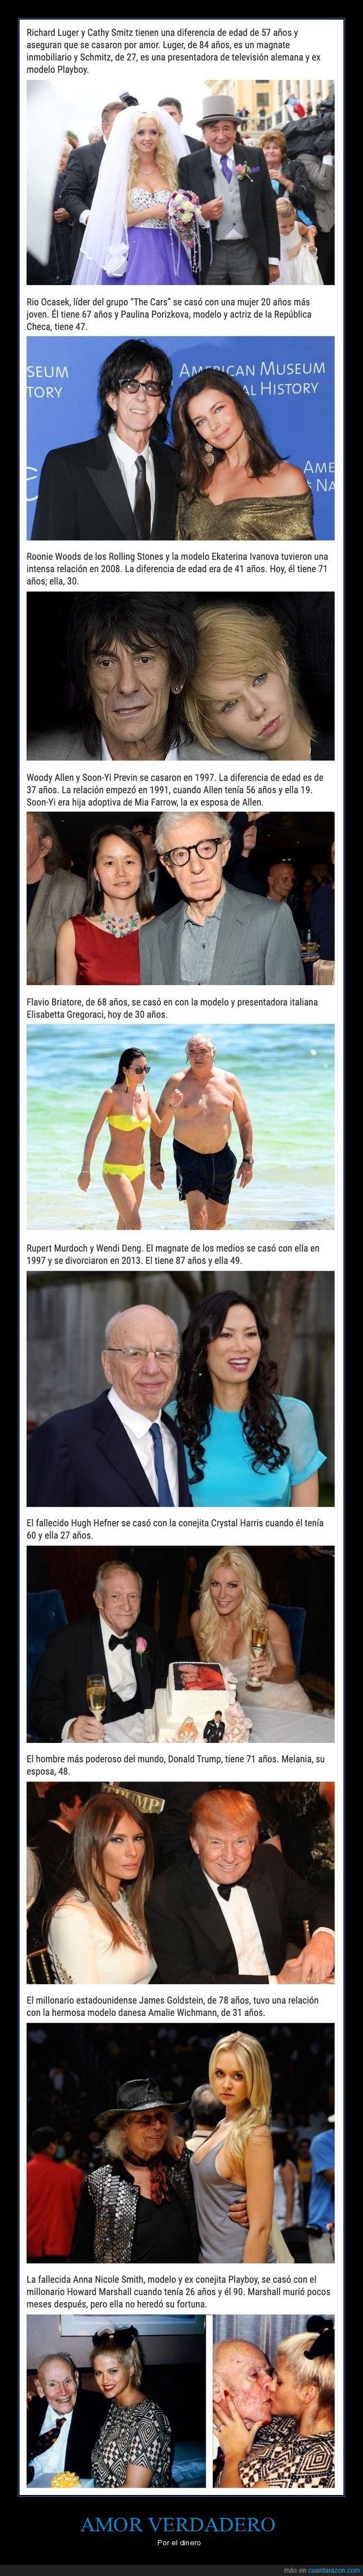 diferencia de edad,millonarios,parejas